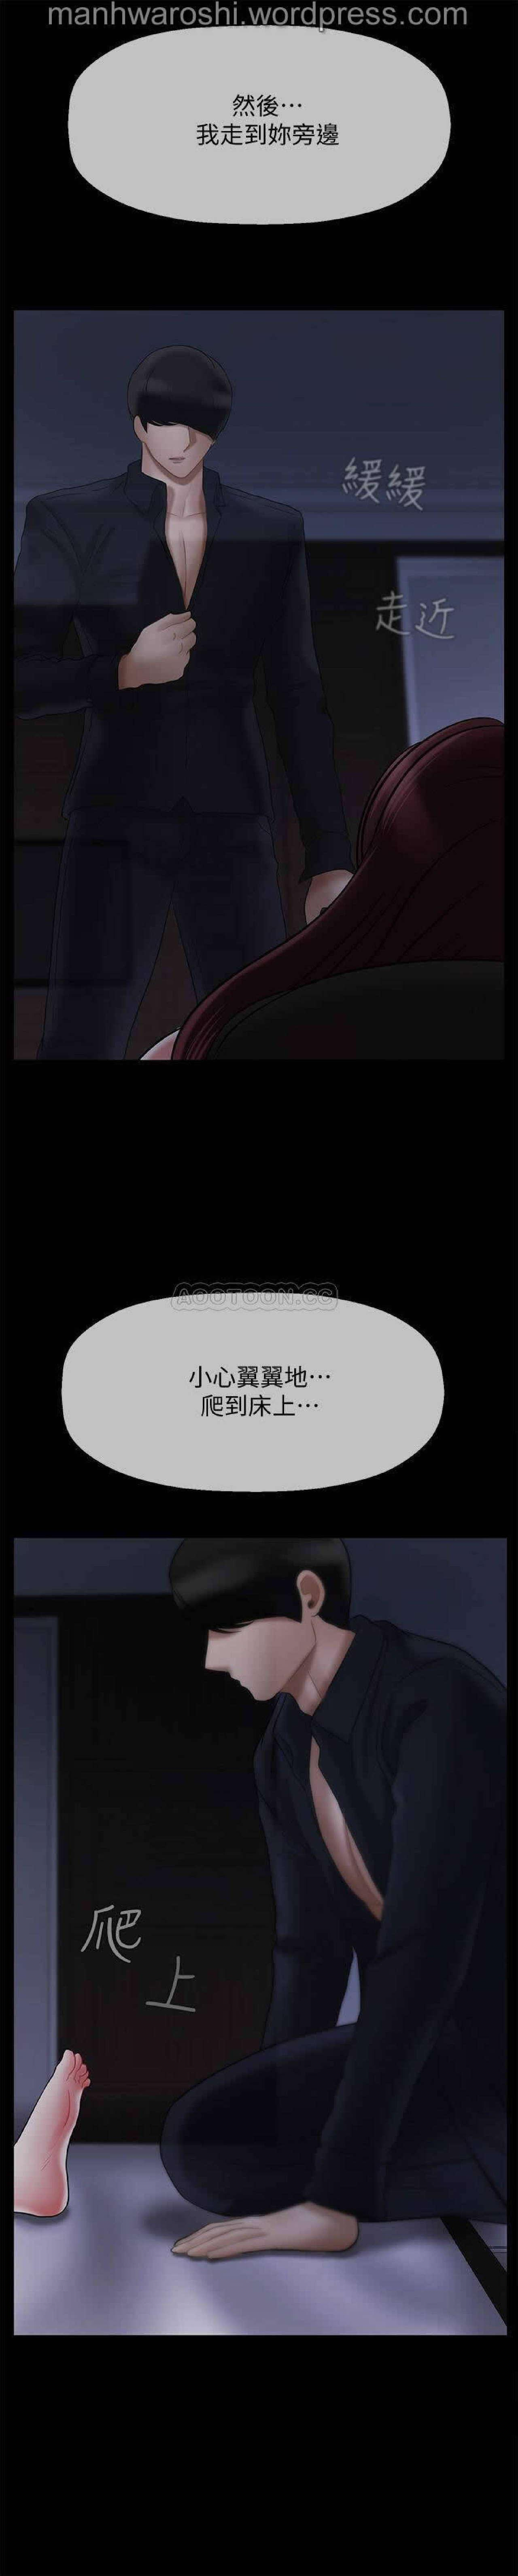 坏老师   PHYSICAL CLASSROOM 20 [Chinese] Manhwa 15